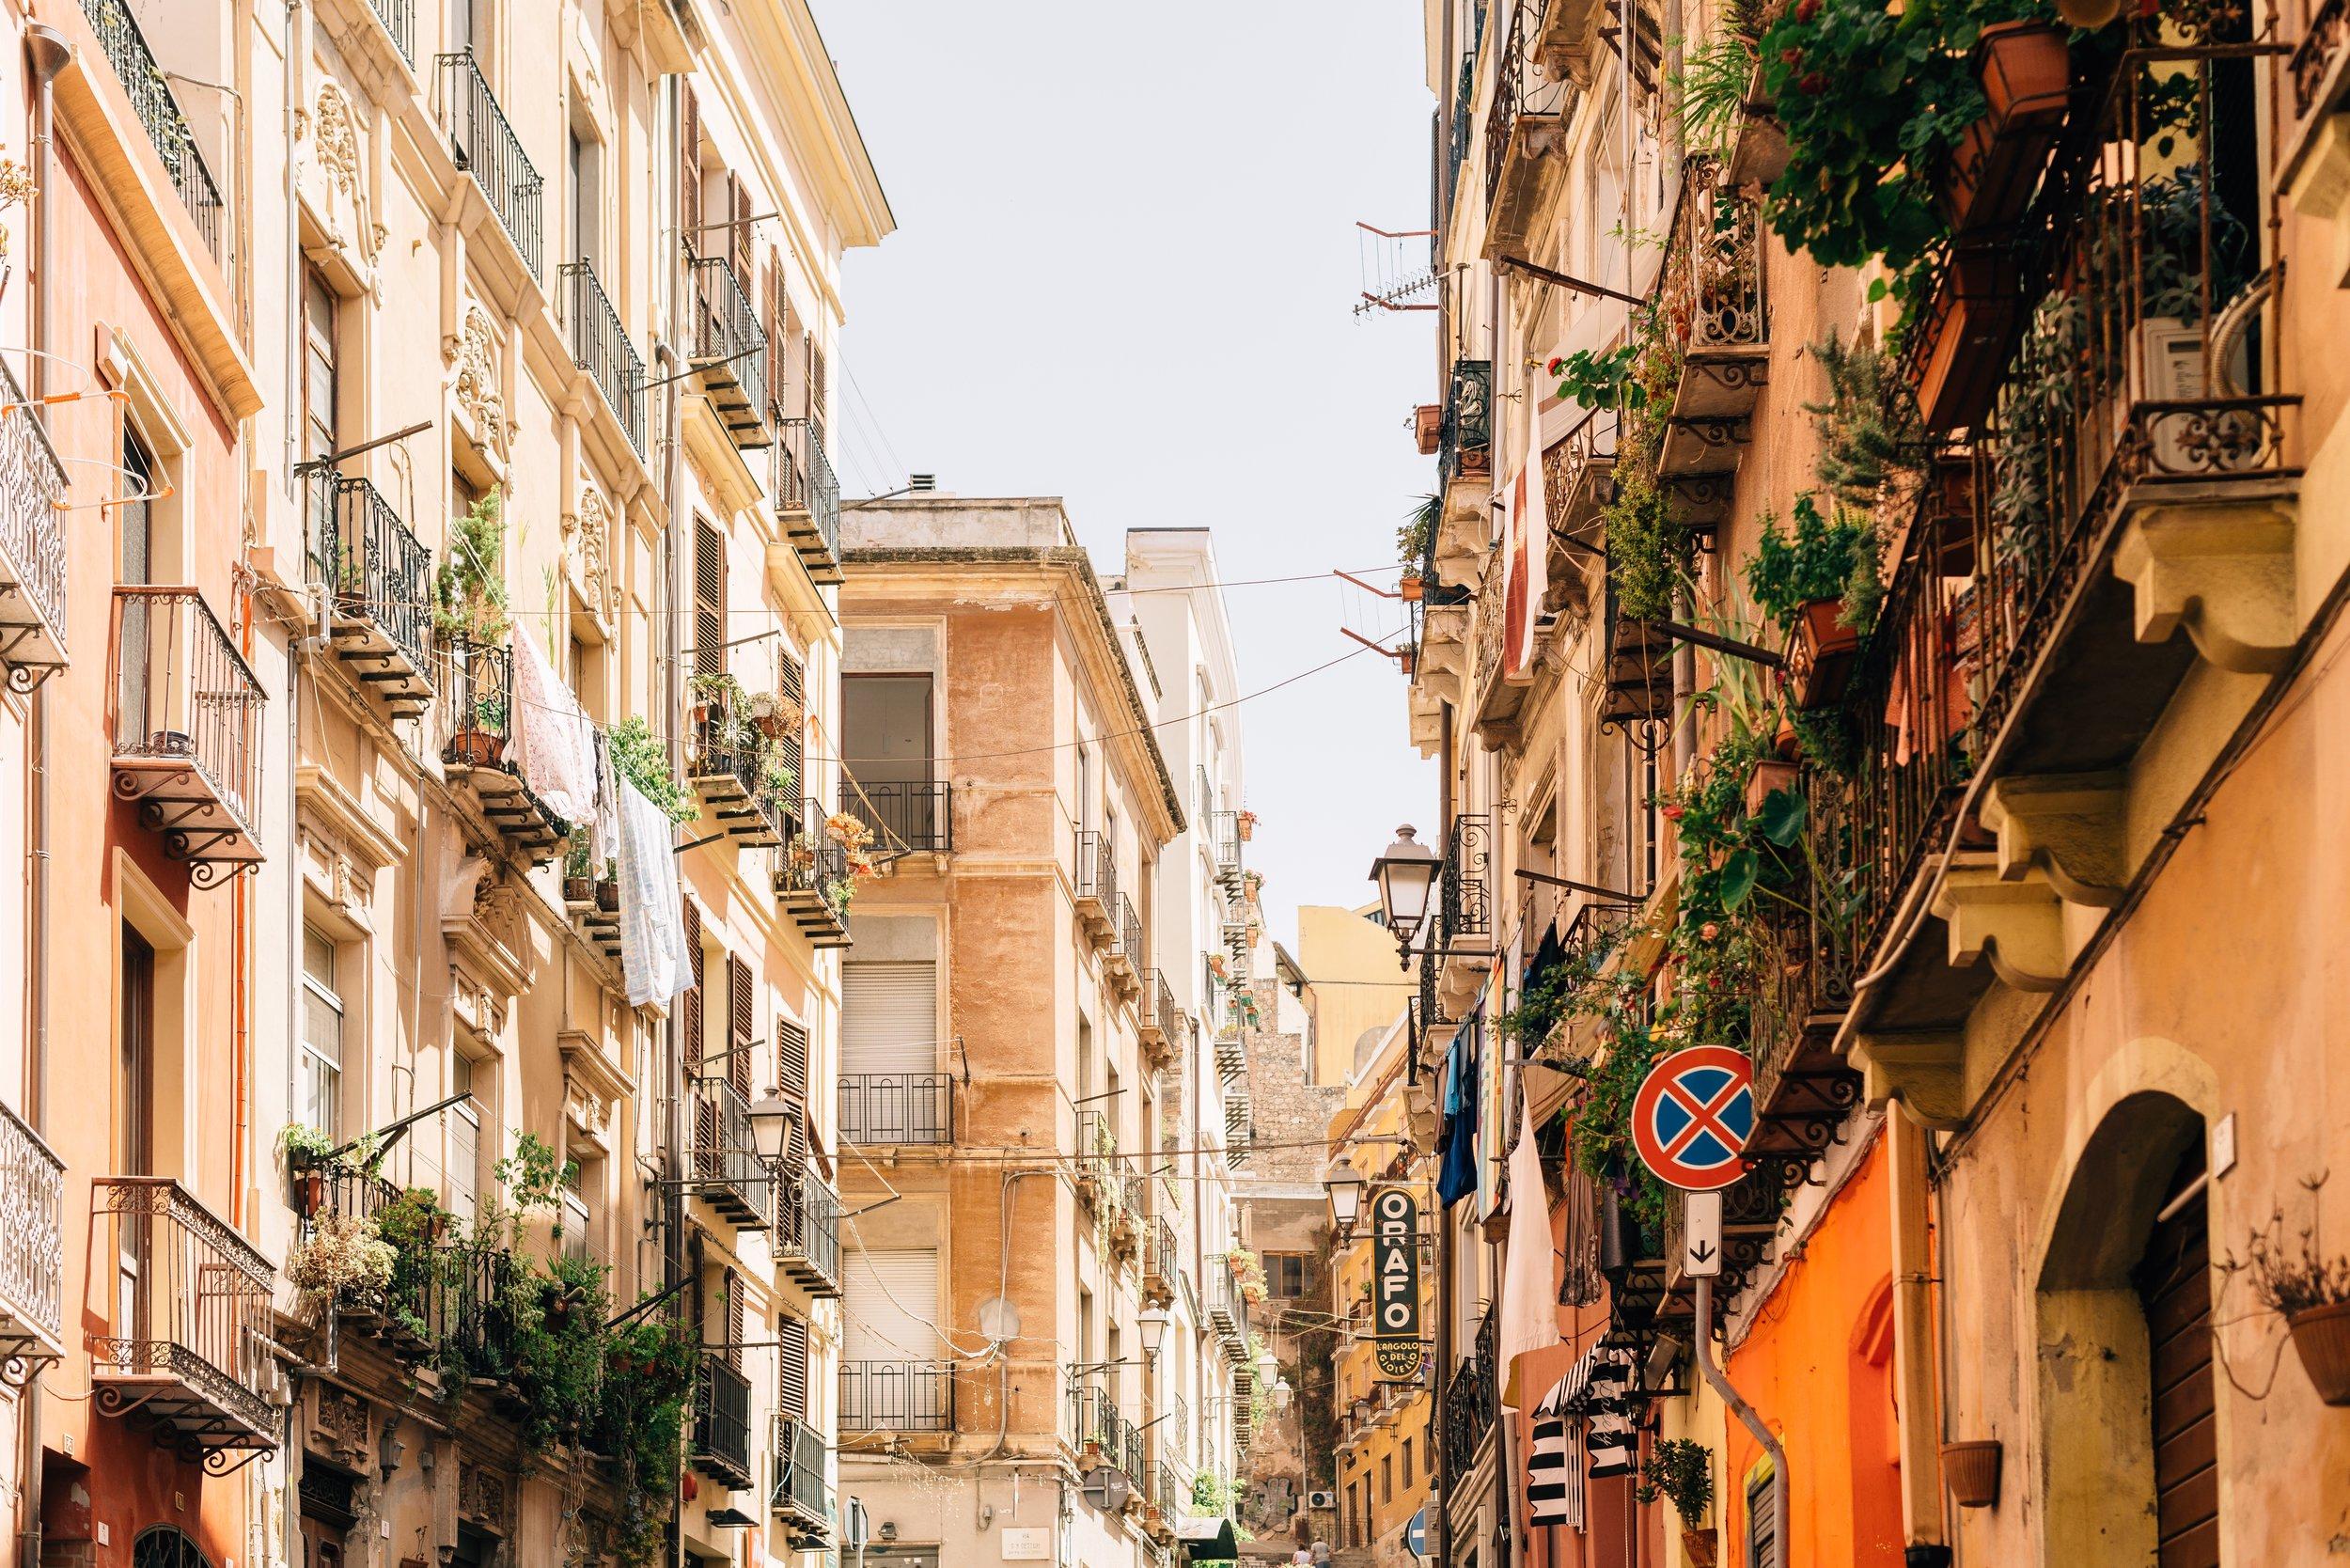 Cagliari - Hauptstadt Sardiniens. Klein-Rom auf einer Insel. Schön da.